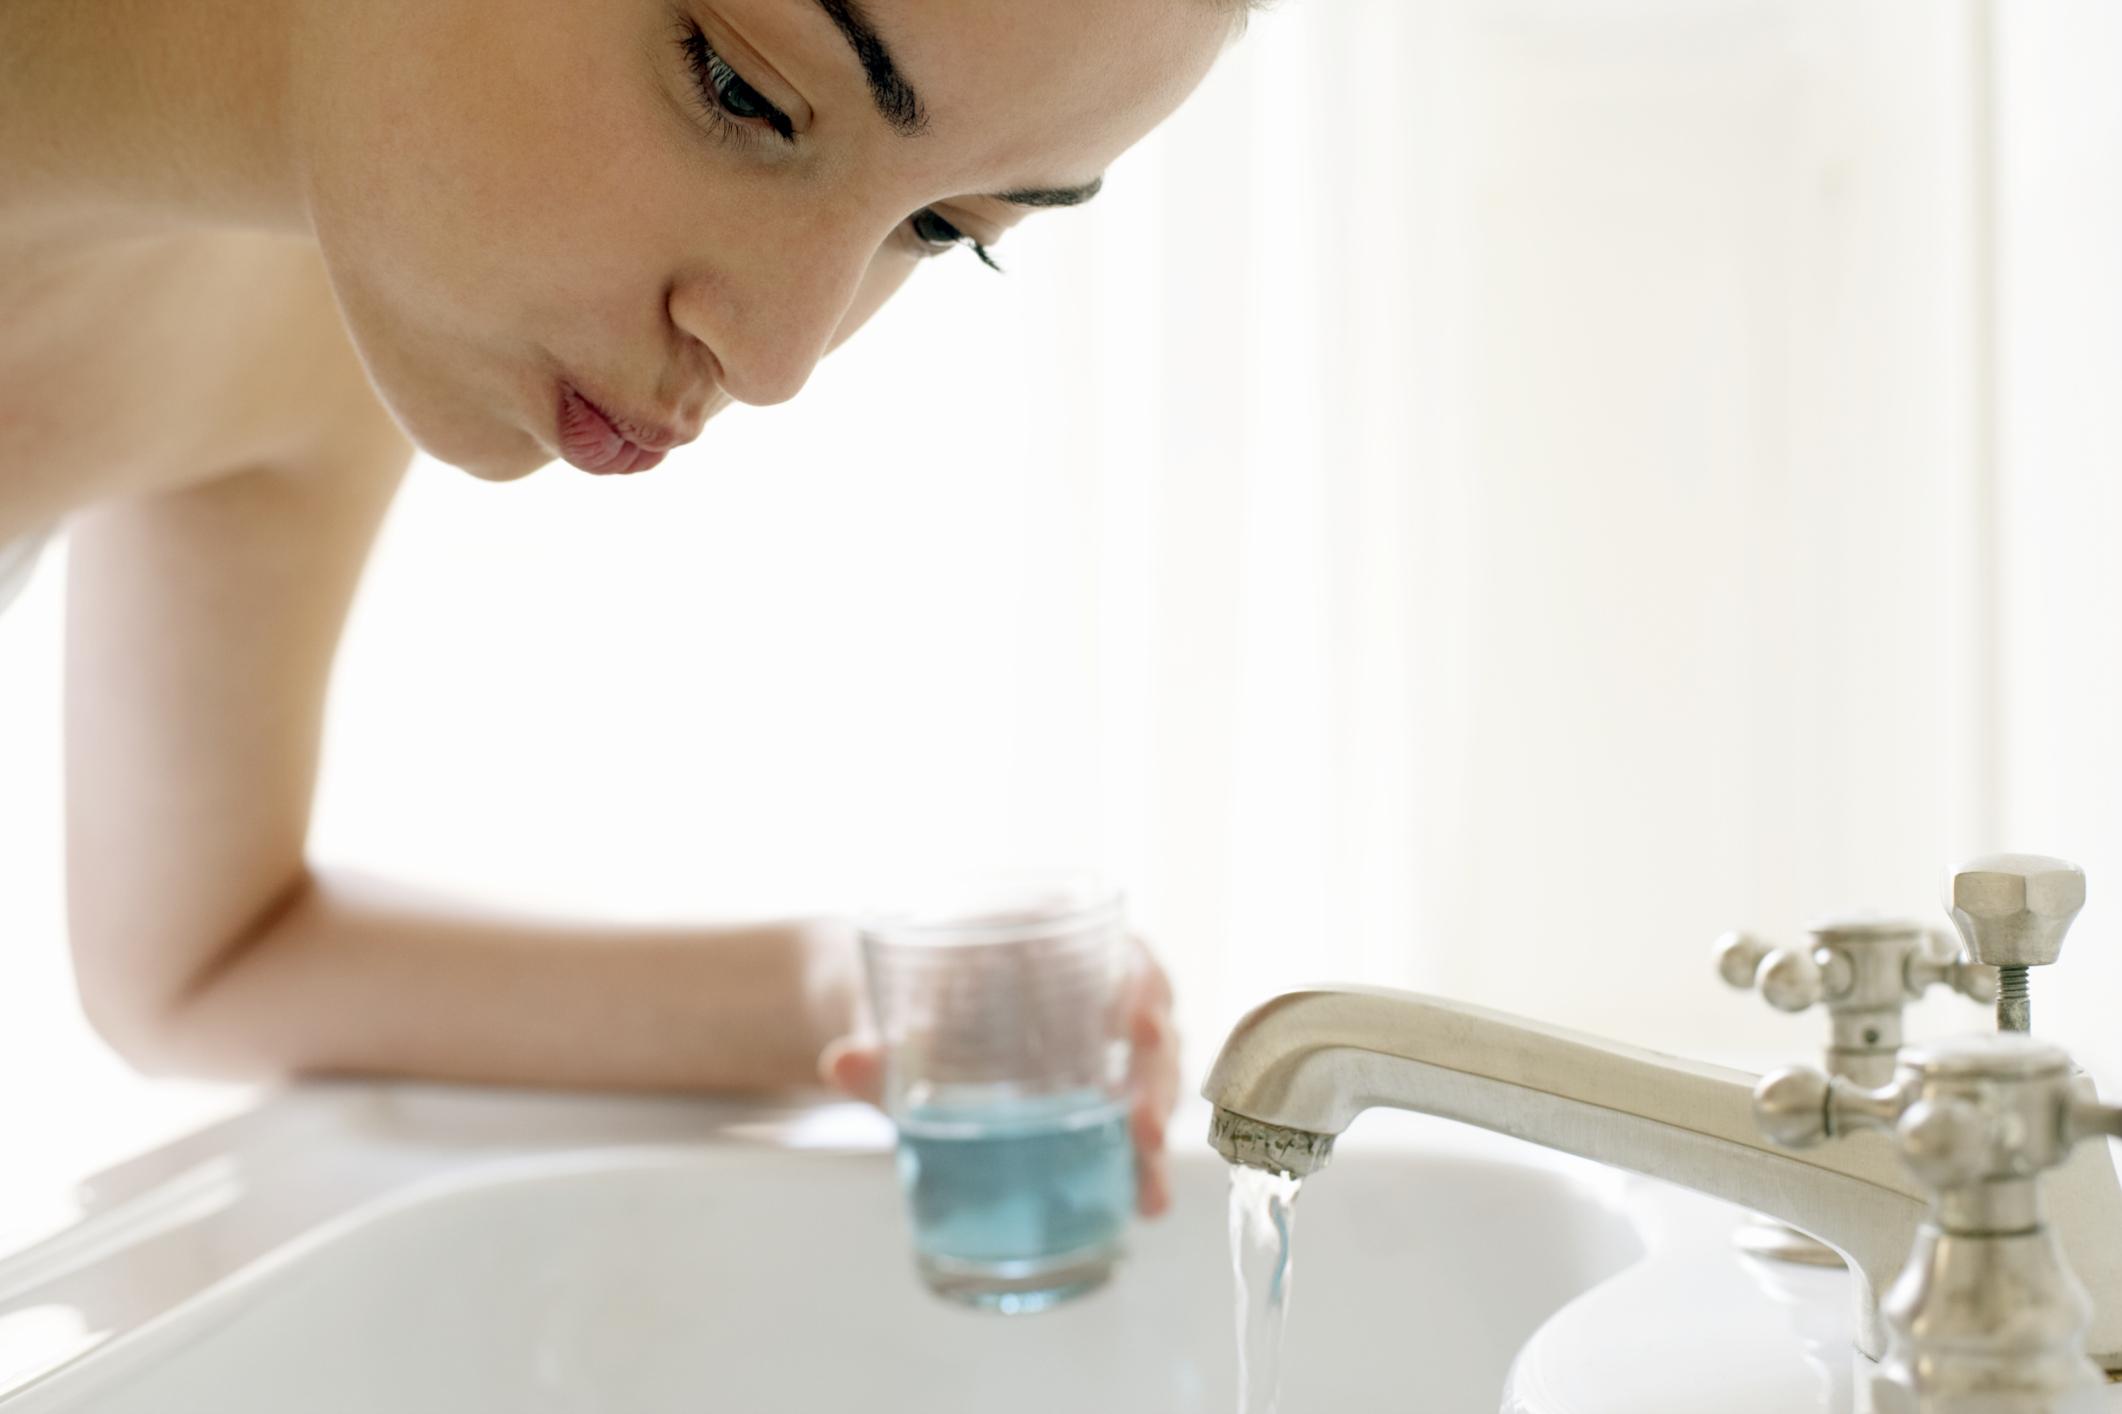 Importancia del uso del colutorio en la higiene bucal diaria